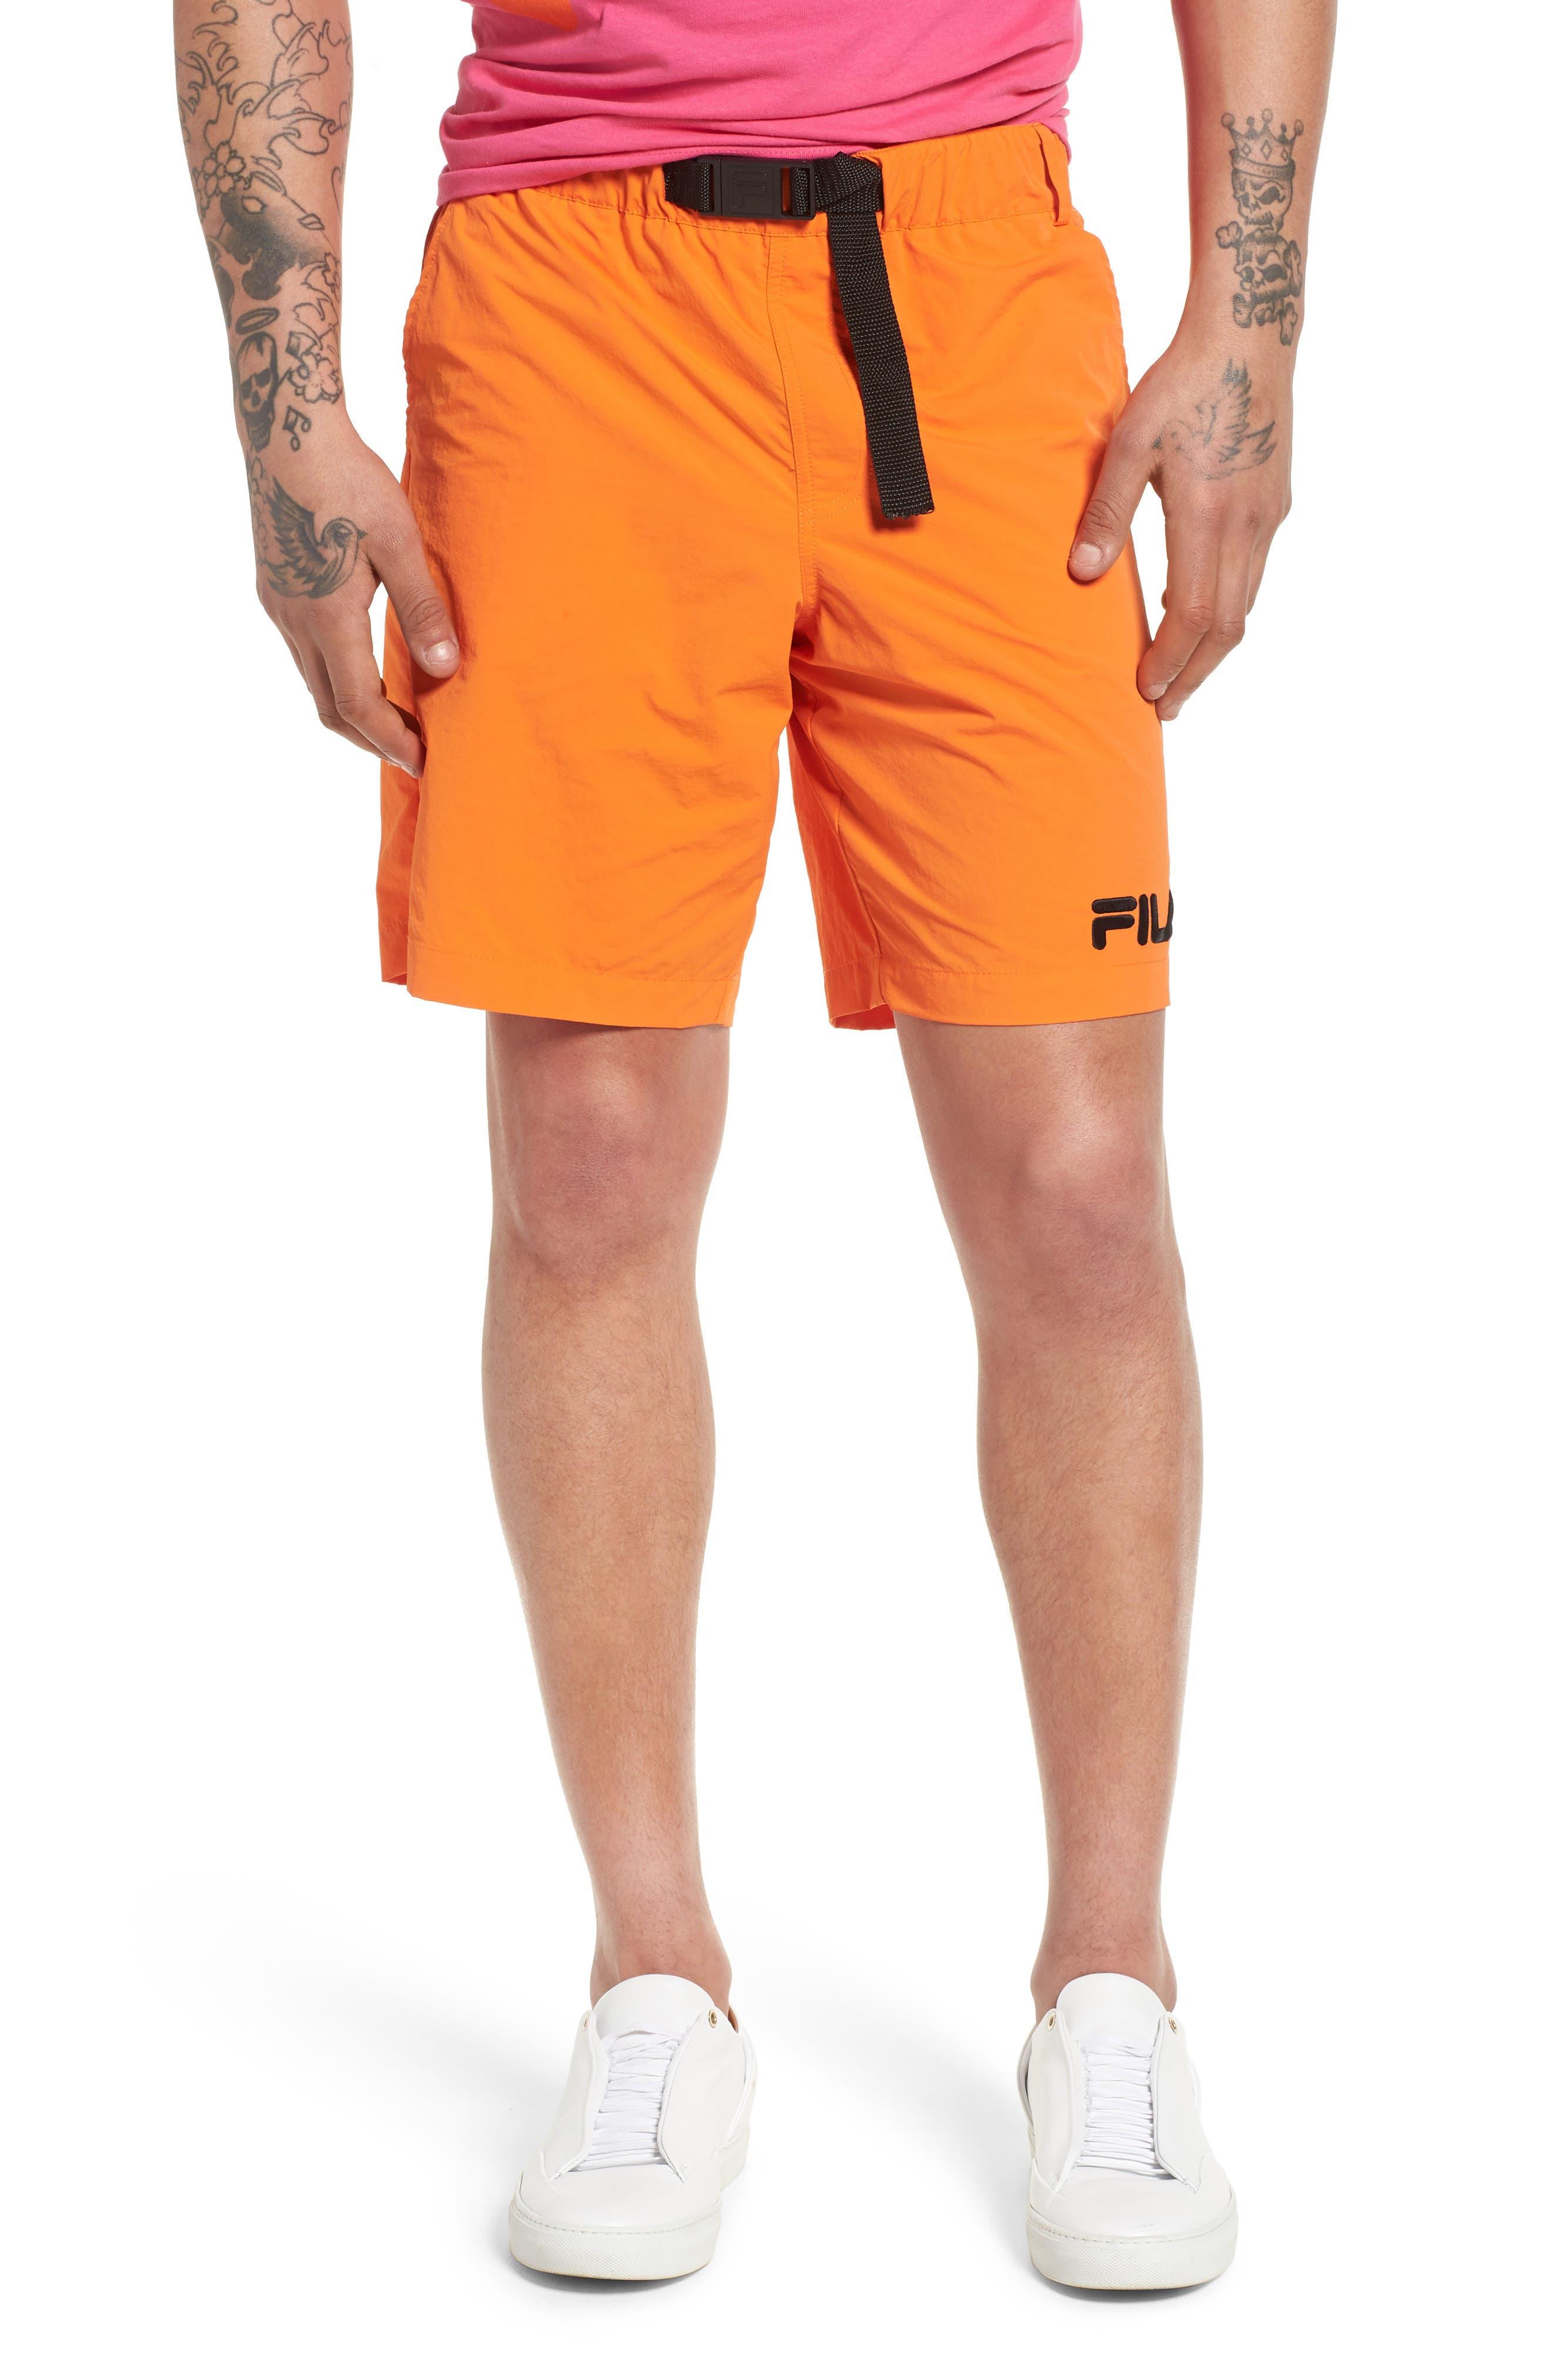 FILA Mondy Shorts